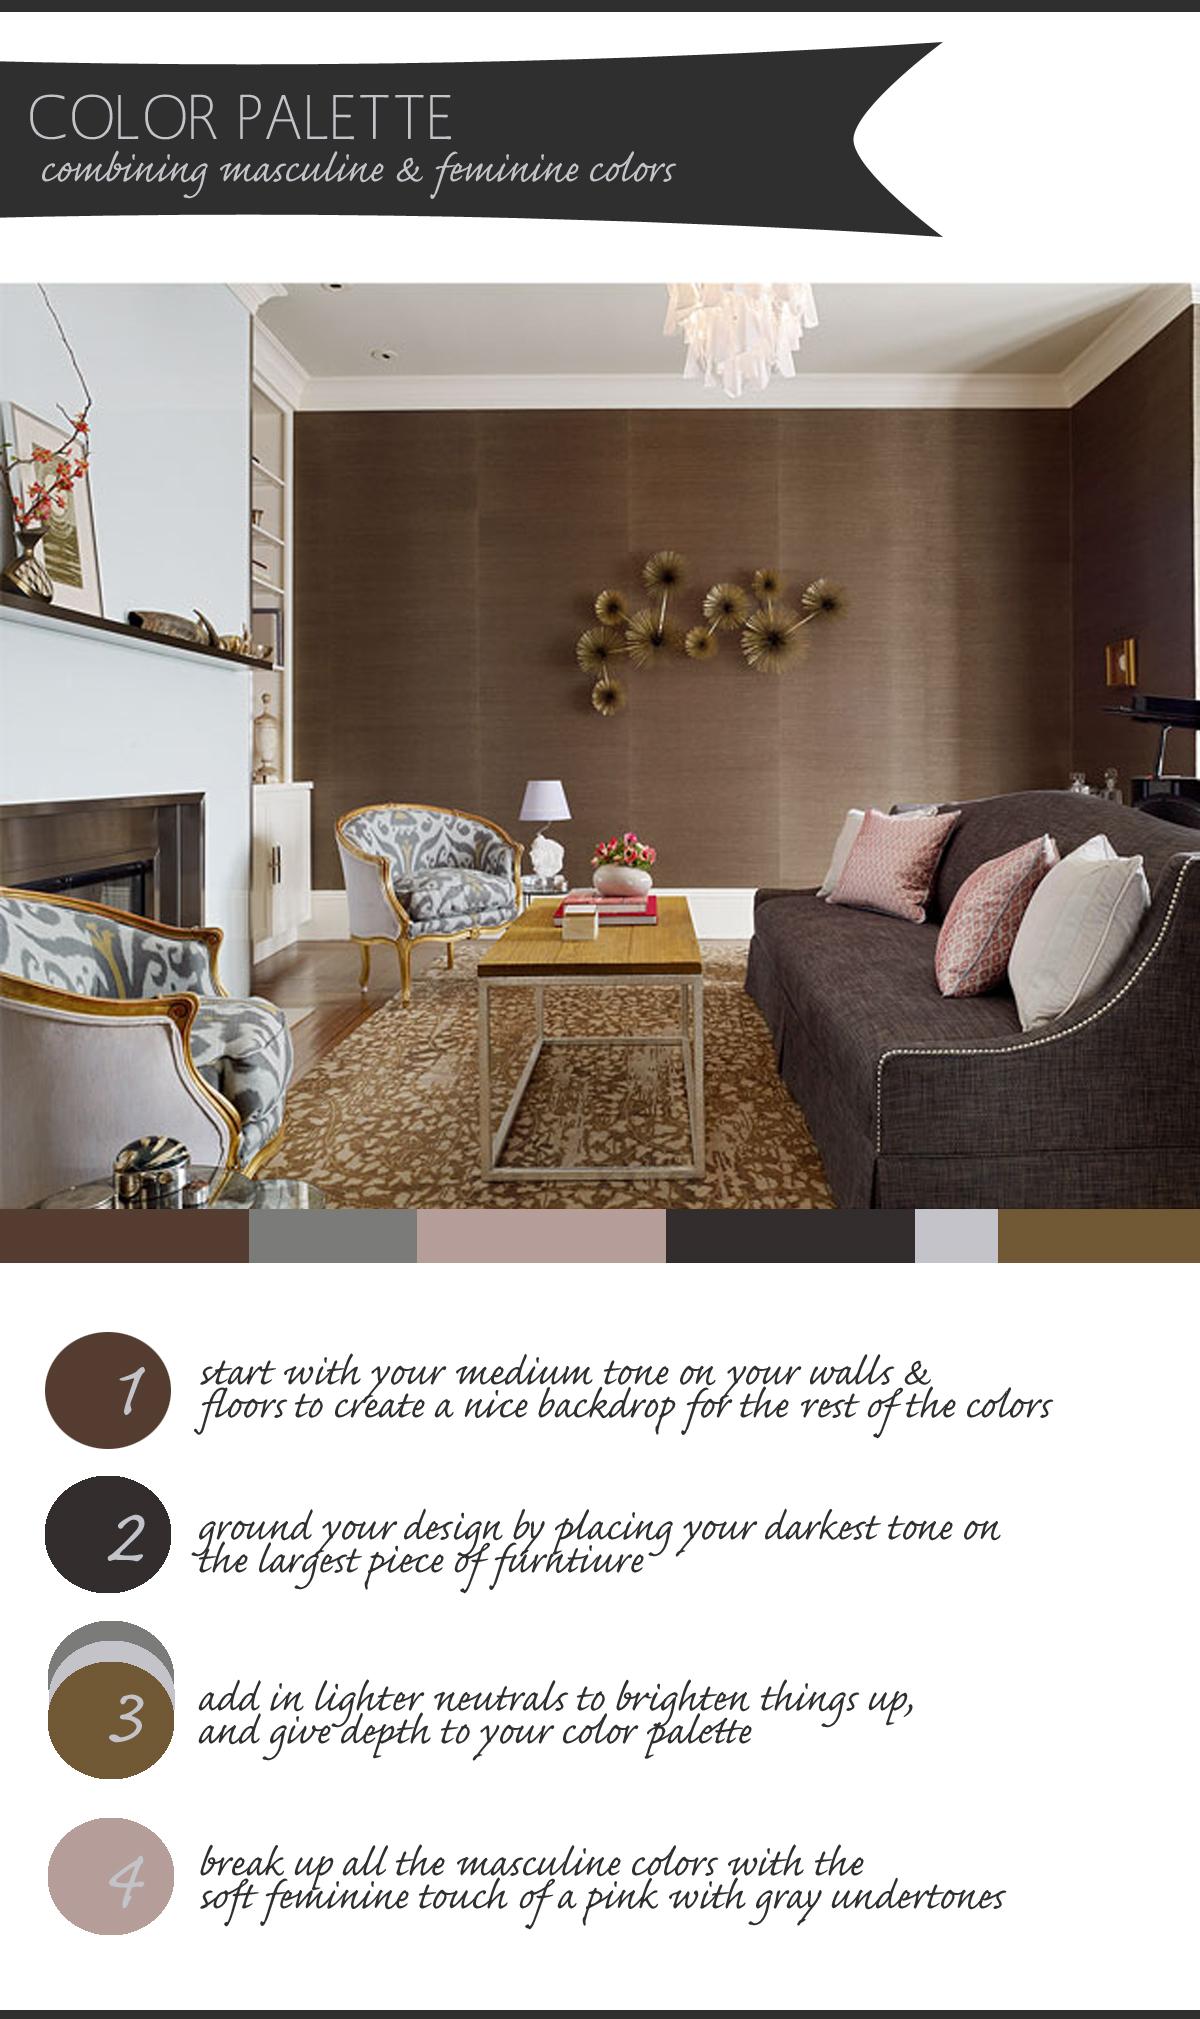 Redmond Aldrich The Anatomy Of Design,Hazel Brown Chocolate Brown Chestnut Brown Hair Color